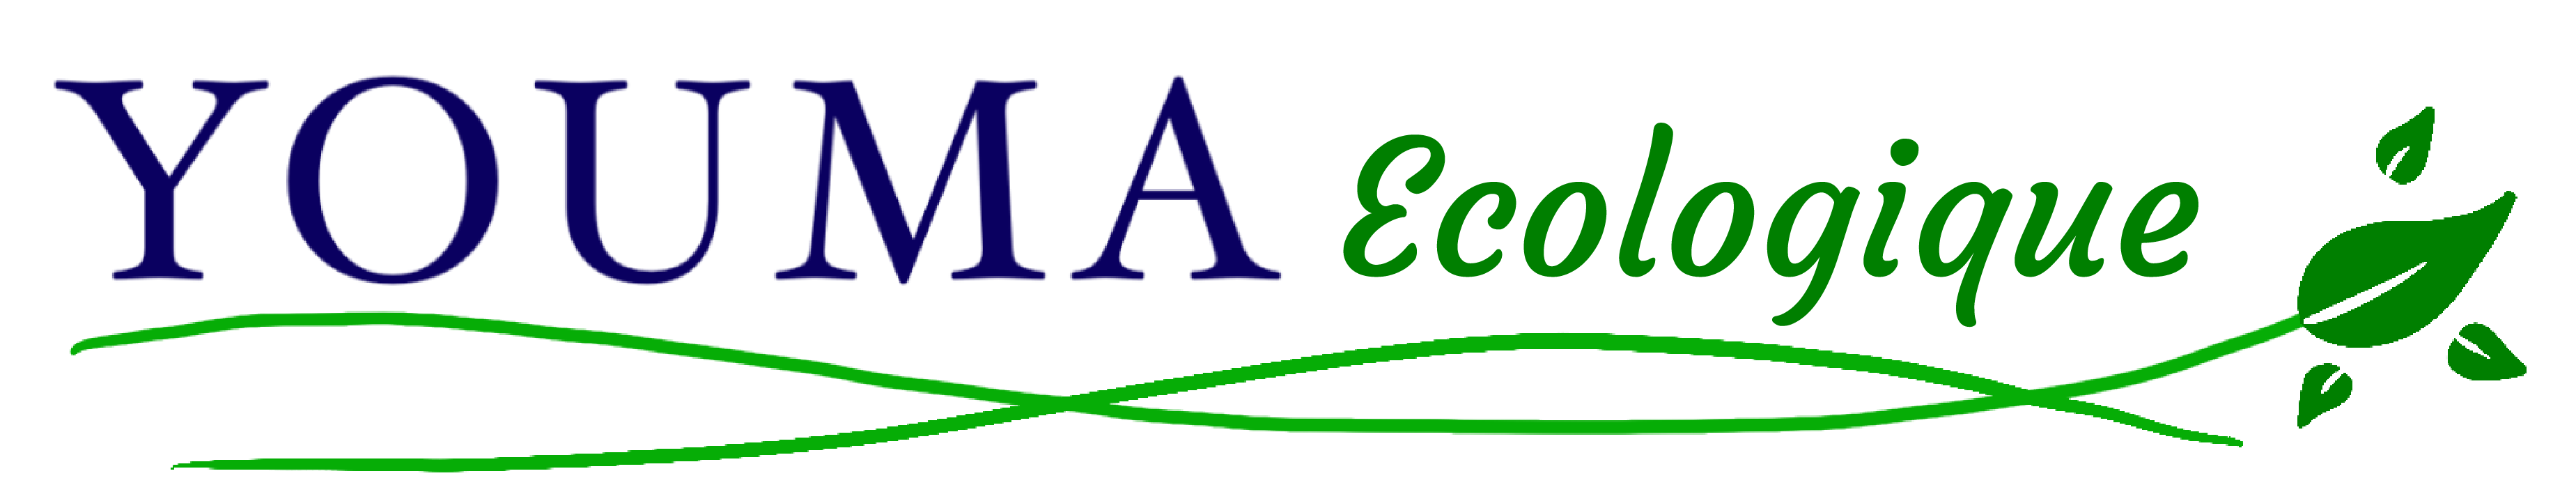 logo youma écologique